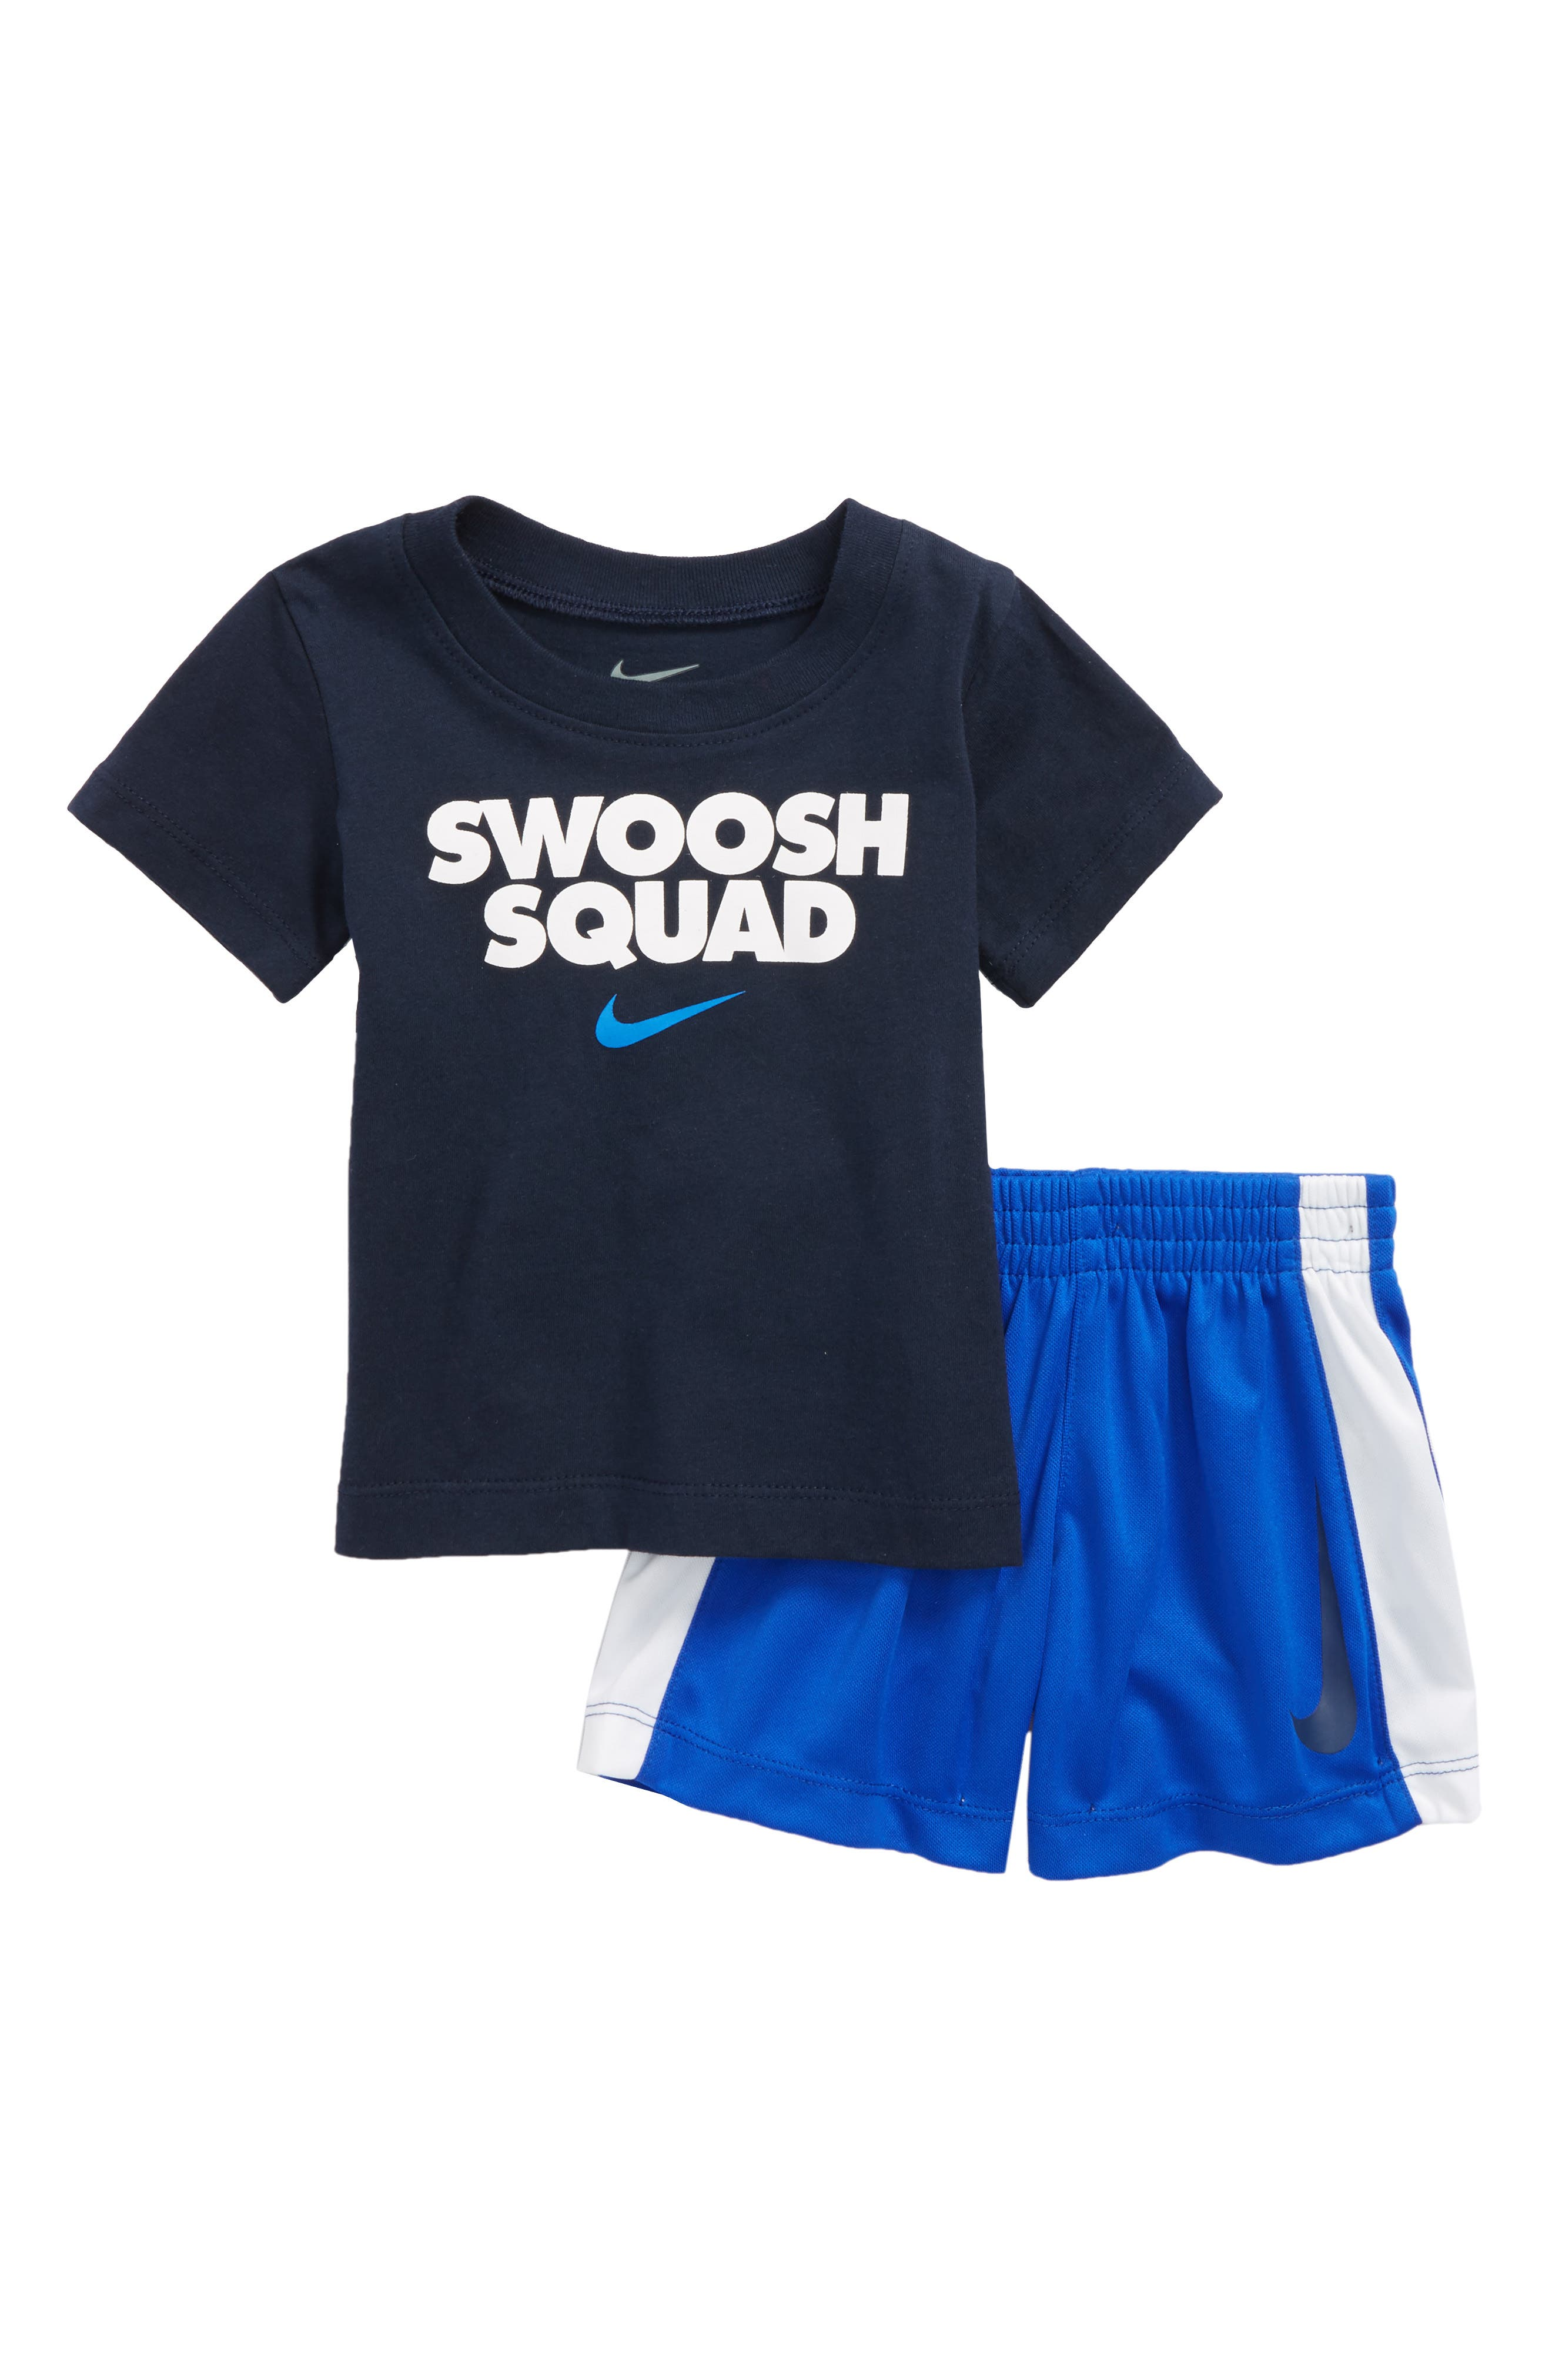 Swoosh Squad T-Shirt & Shorts Set,                             Main thumbnail 1, color,